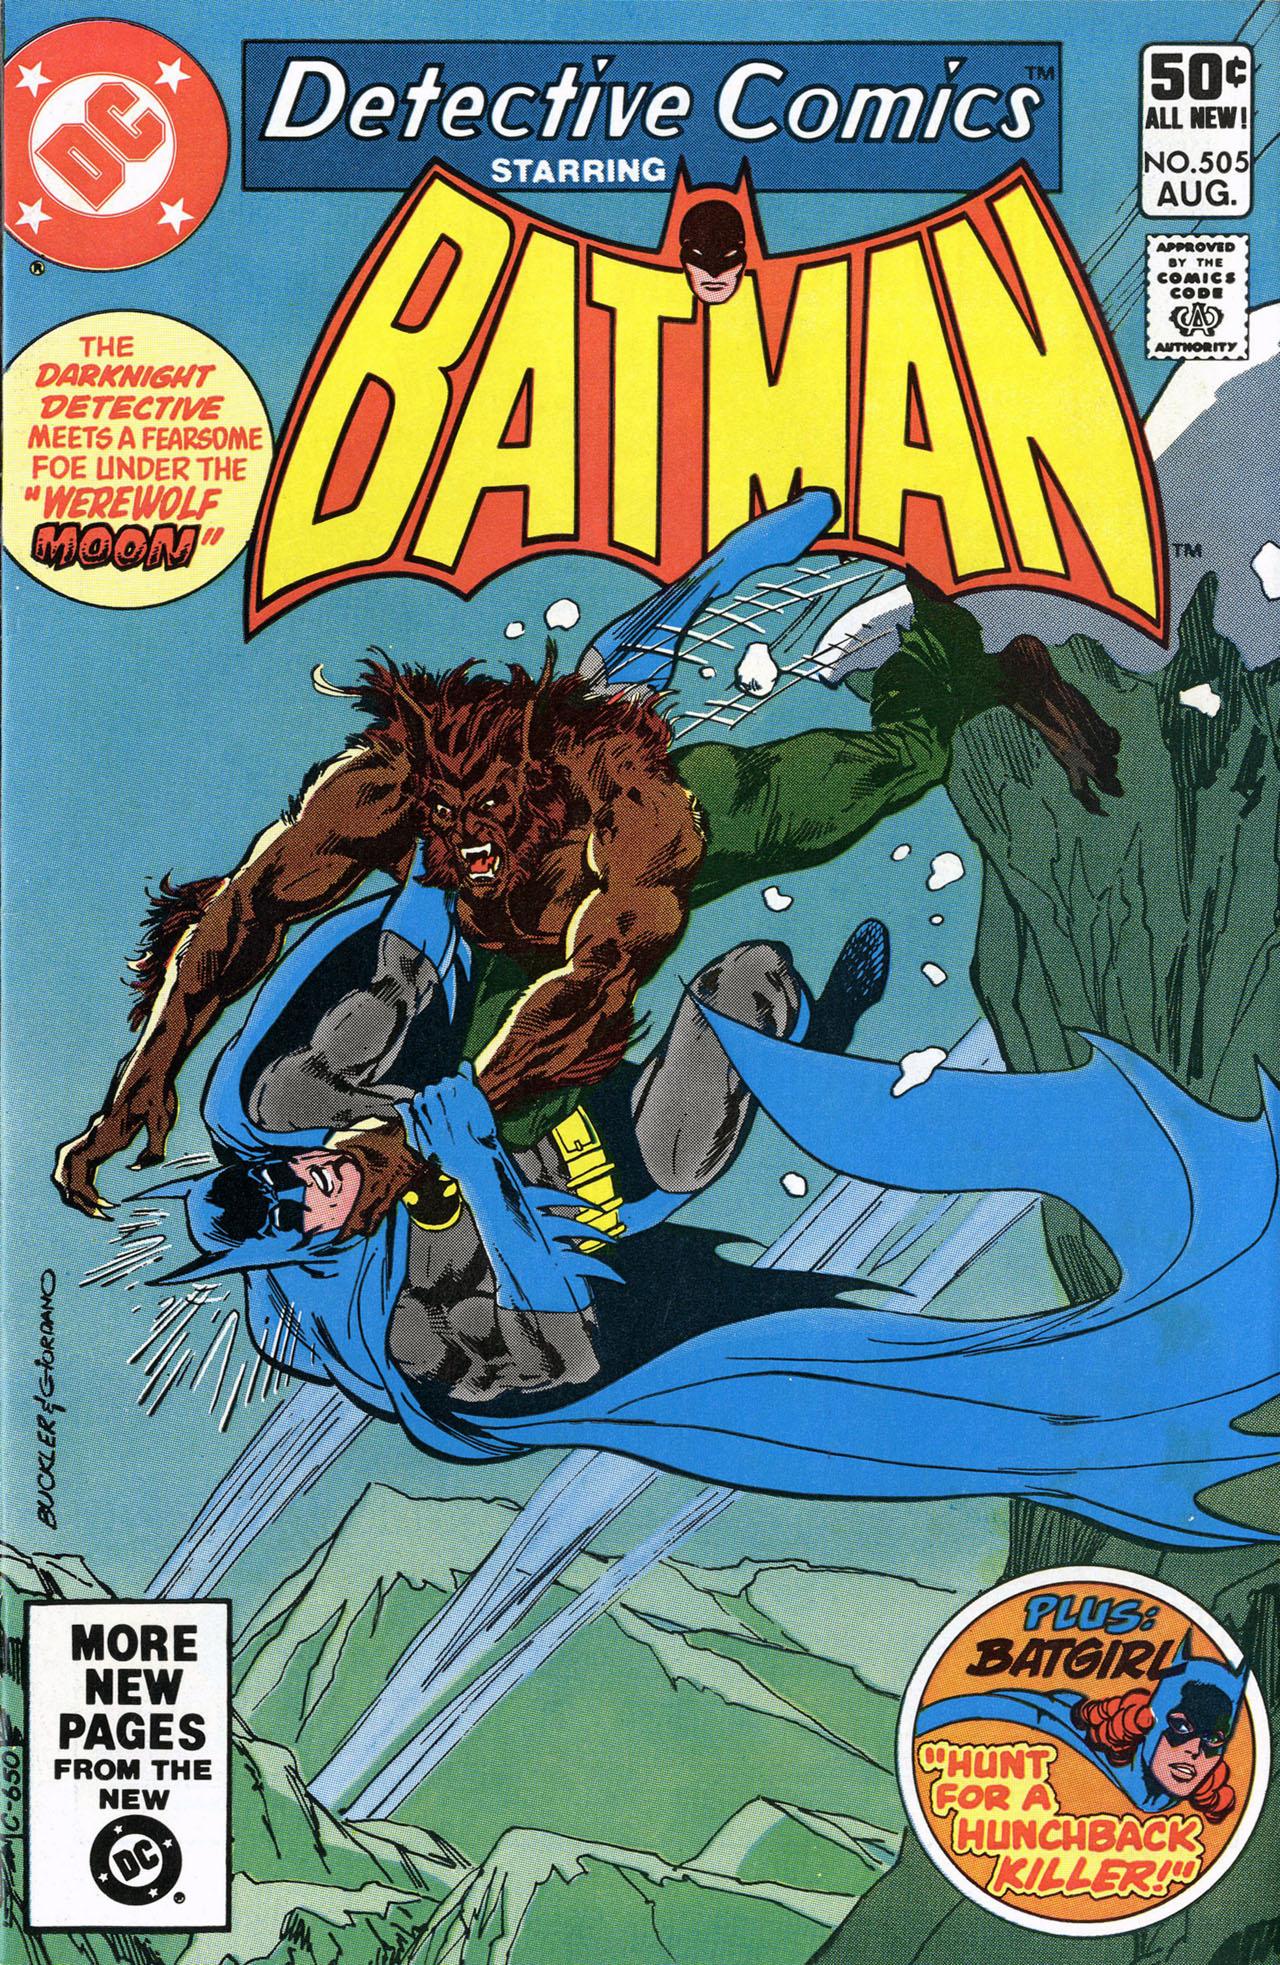 Batman #505, Detective Comics Werewolf Moon! 1981, DC